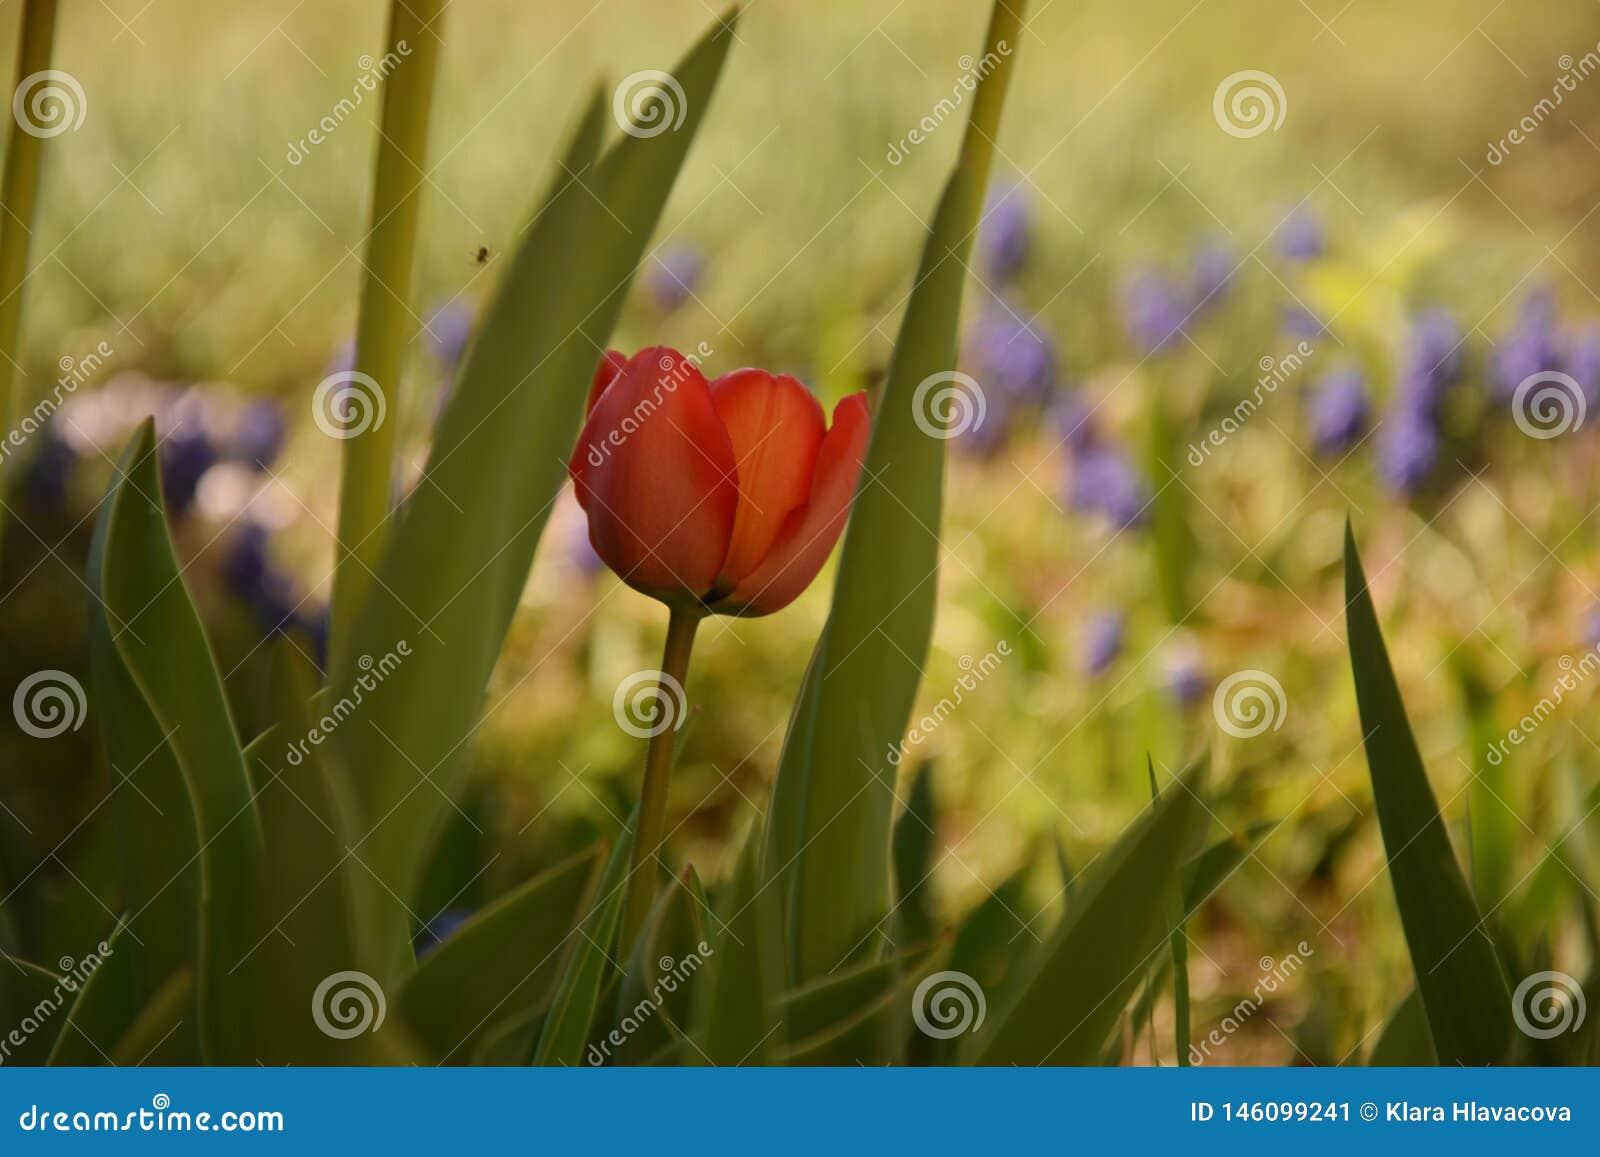 Rote Tulpe zwischen den Bl?ttern